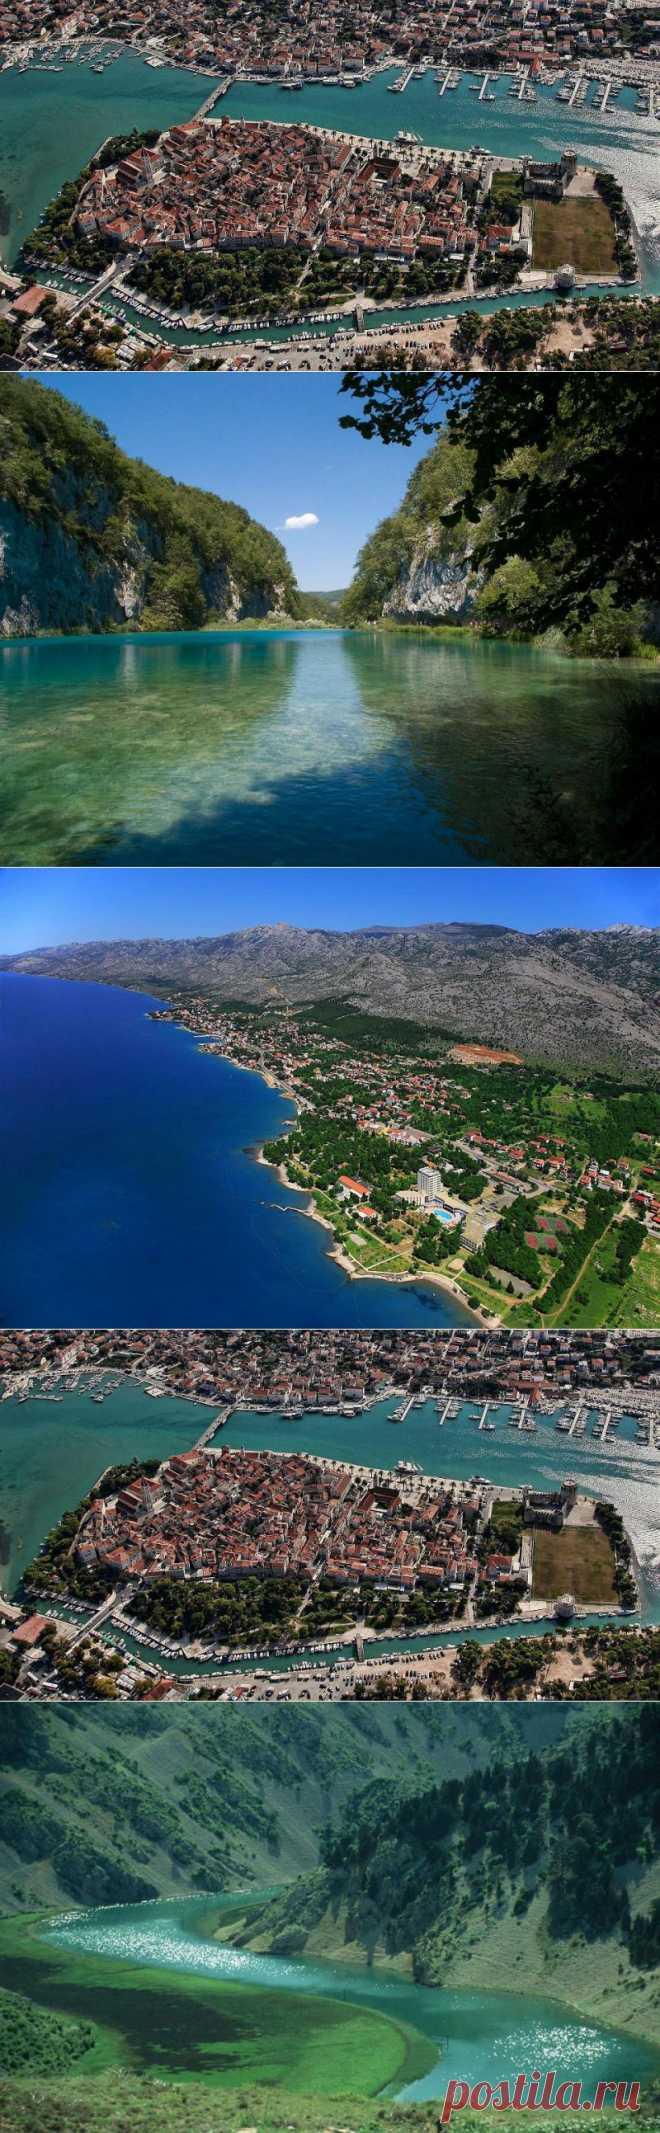 10 природных чудес Хорватии : НОВОСТИ В ФОТОГРАФИЯХ